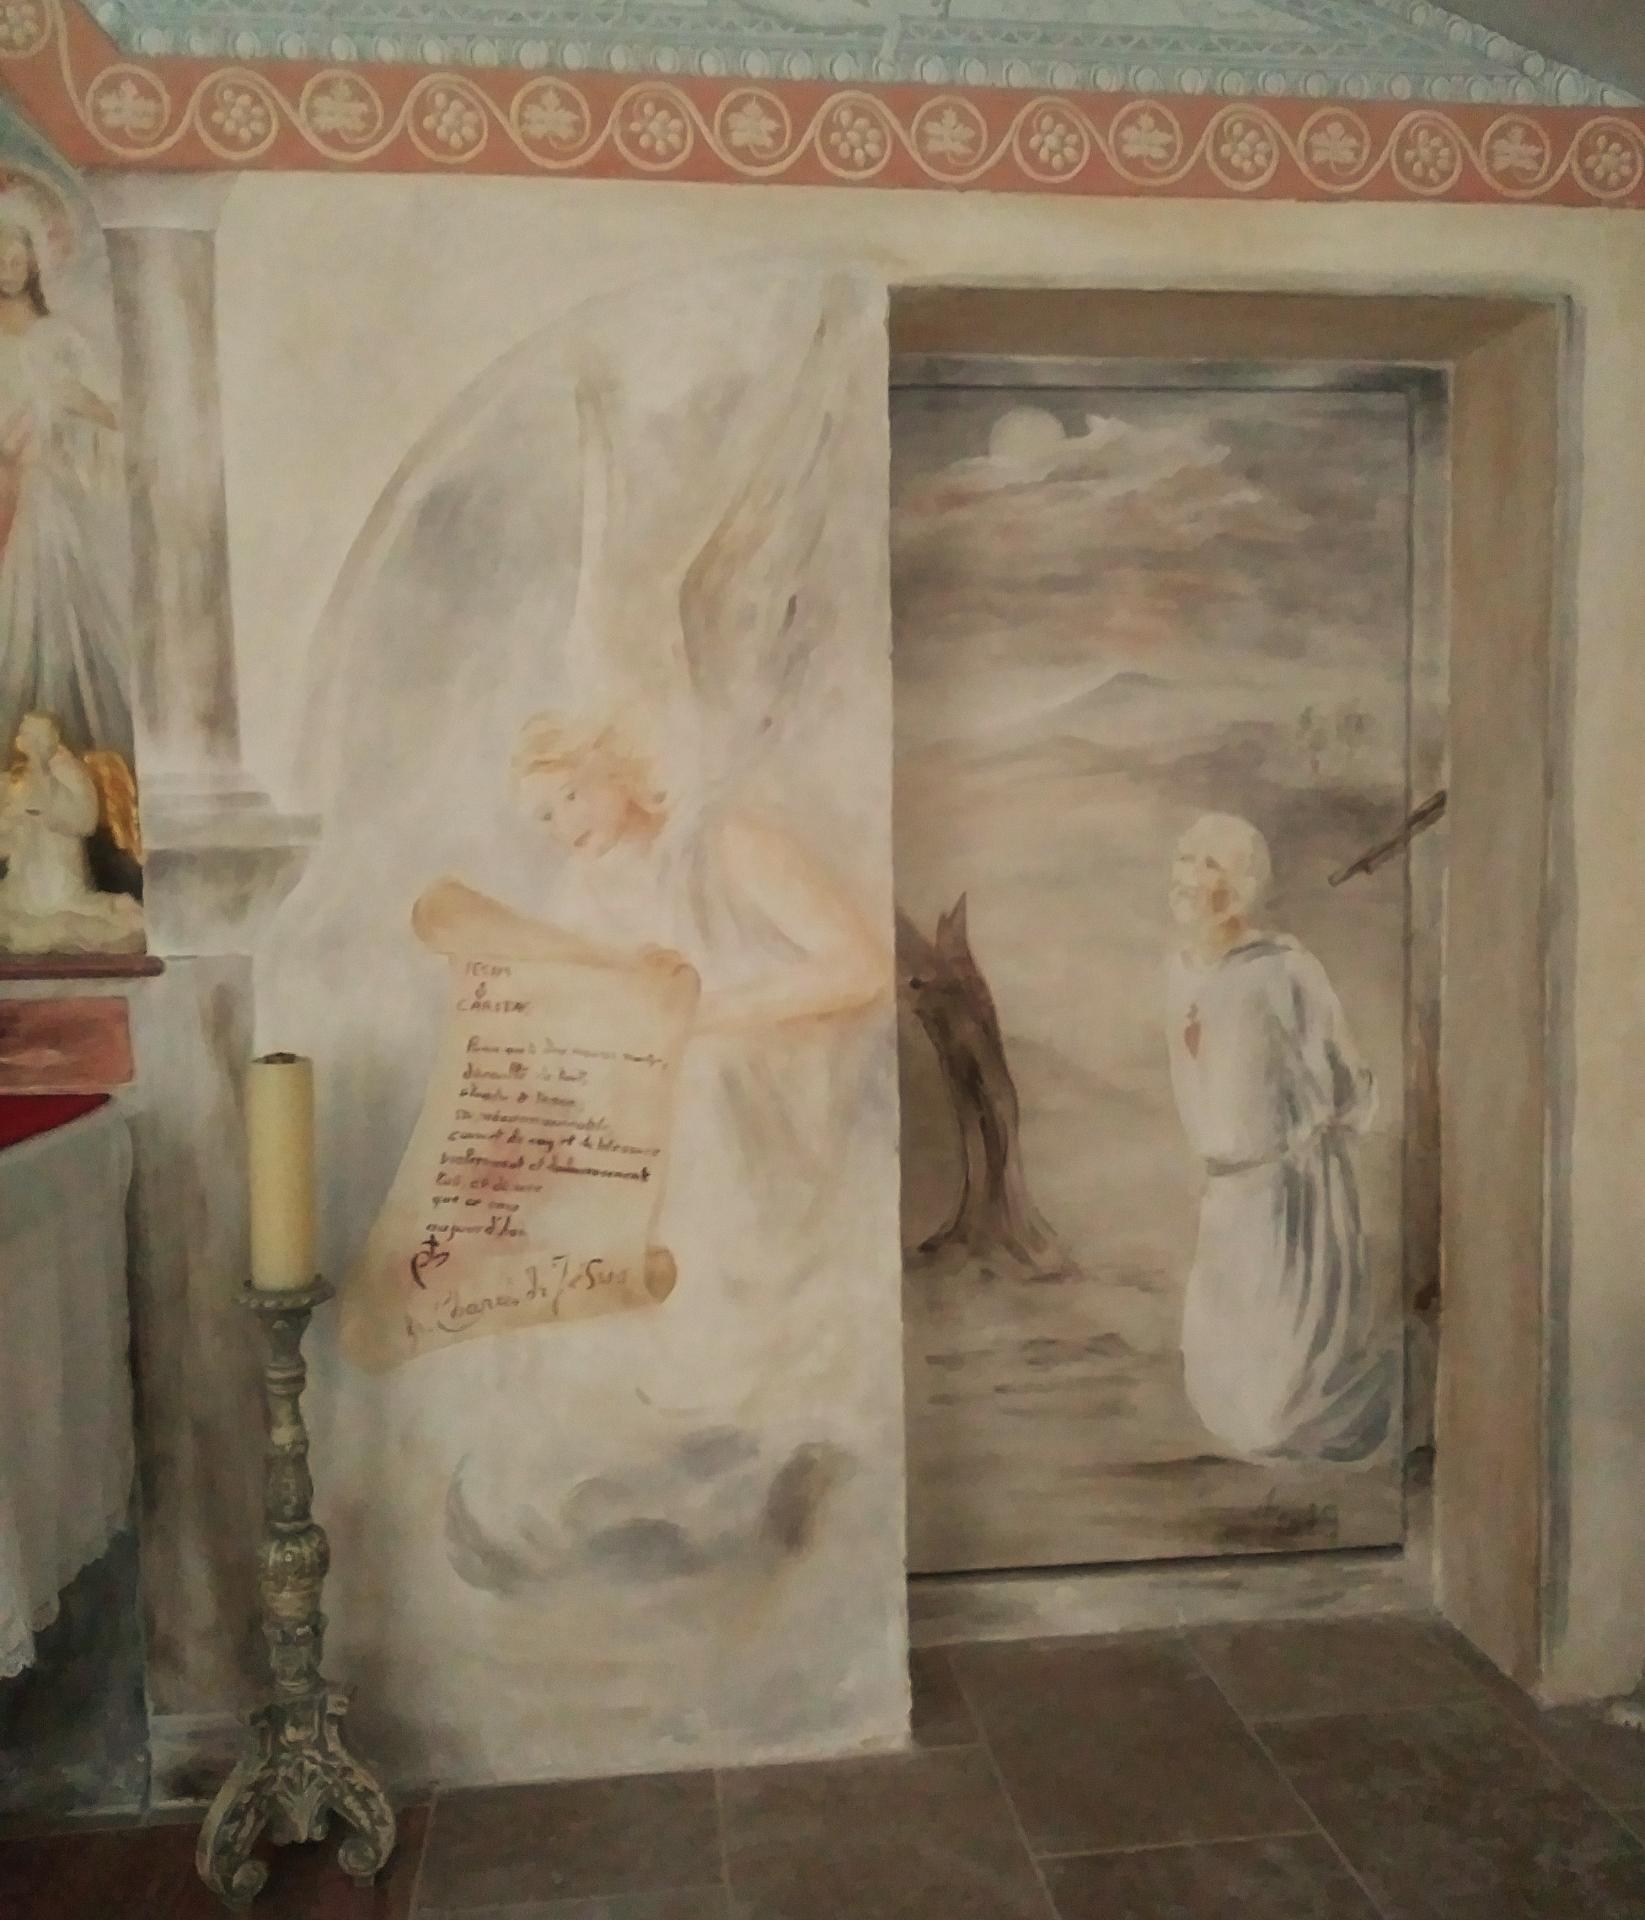 Chapelle de la misericorde fresque et mobilier liturgique 6